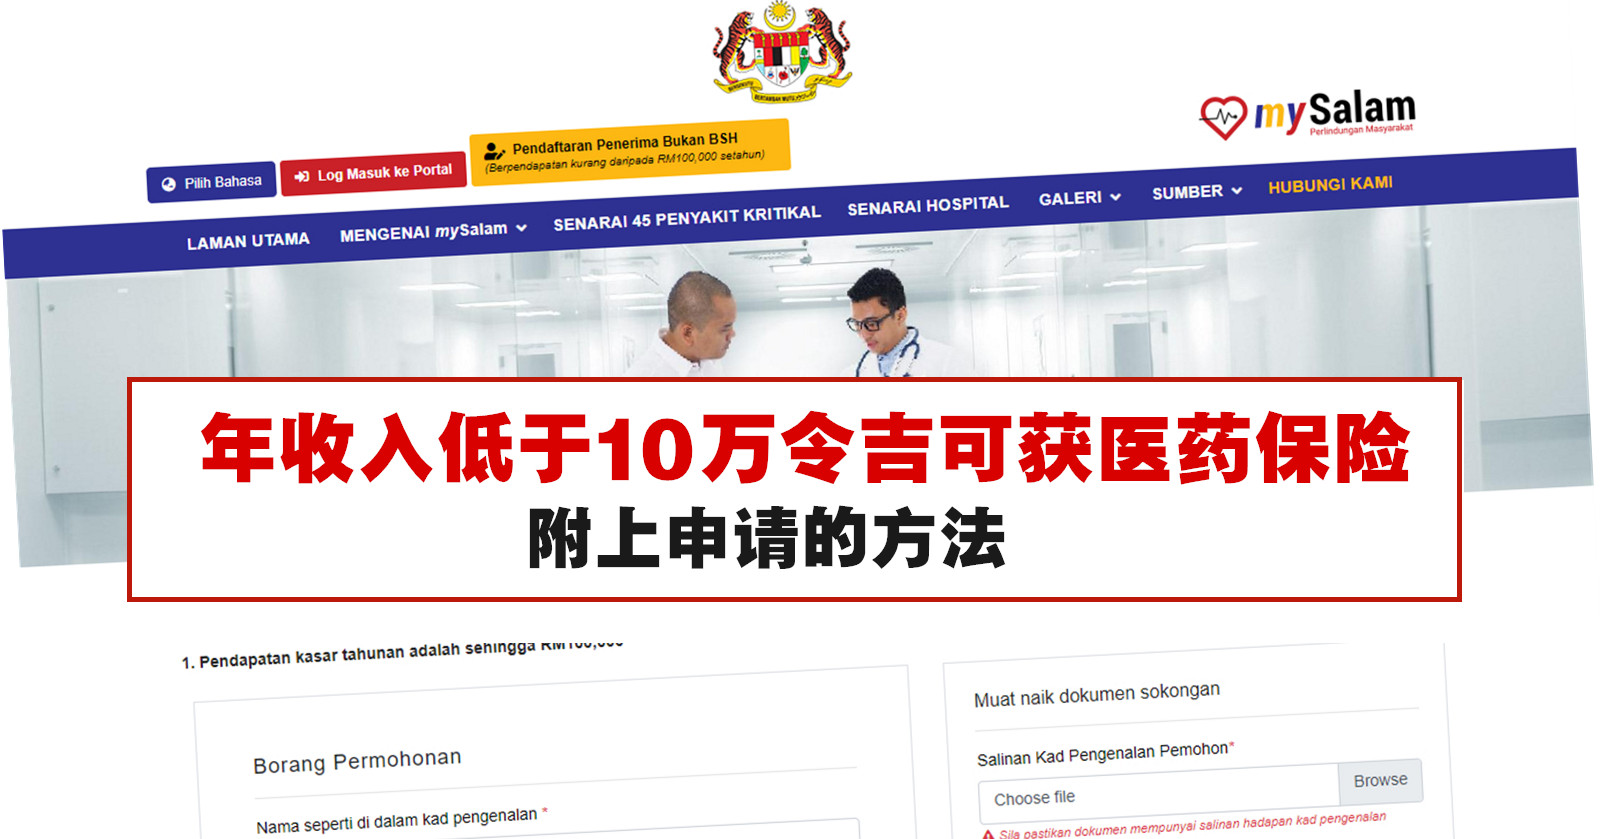 年收入不超过10万令吉,可申请mySalam医药保险计划